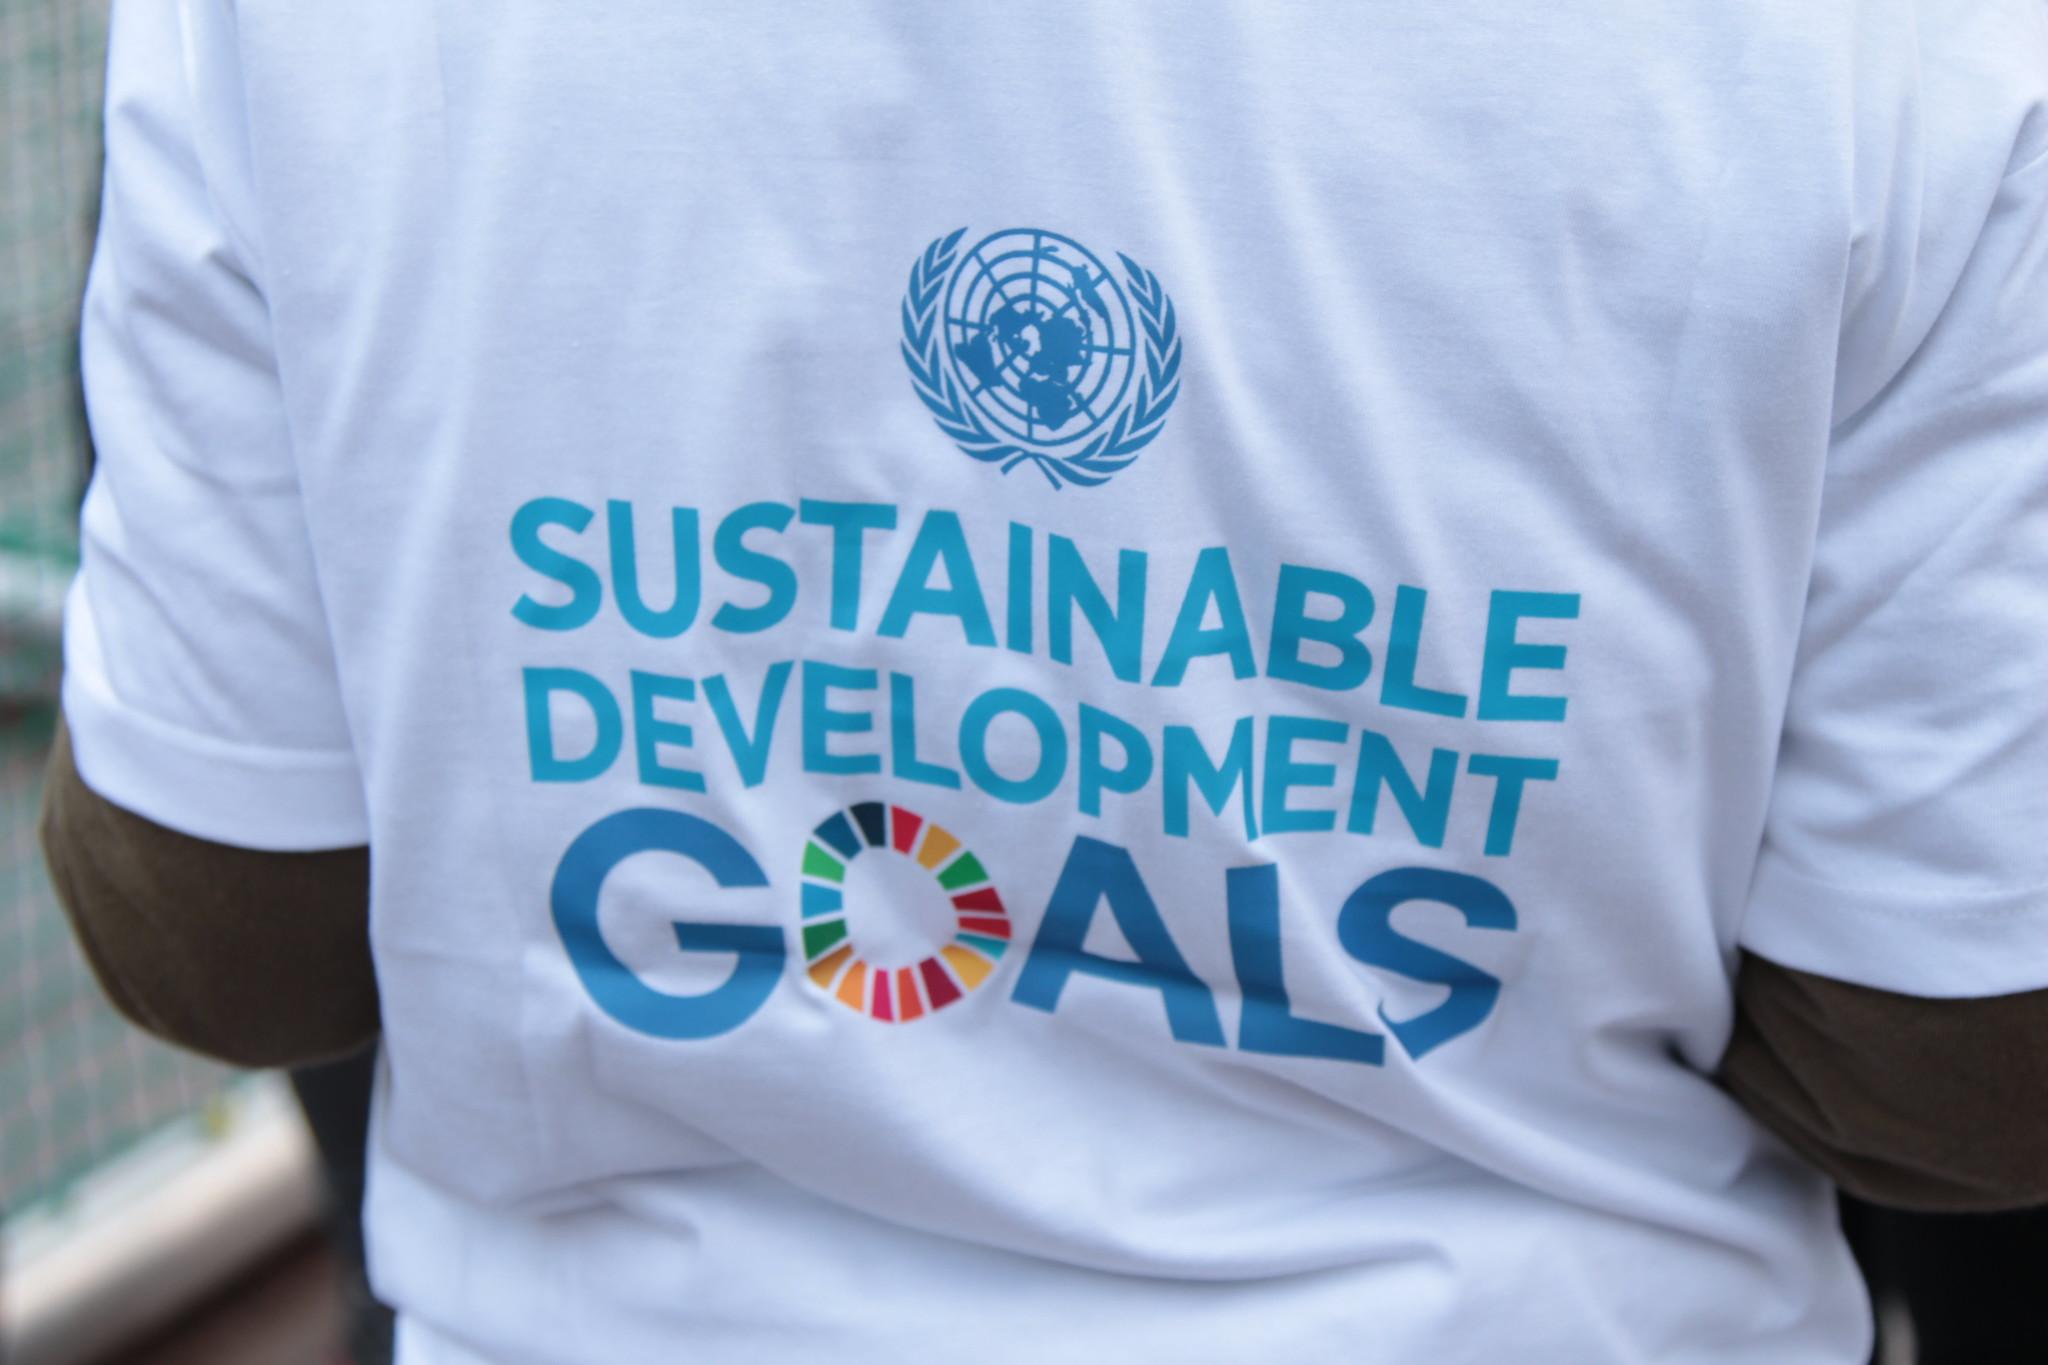 Takaapäin kuvattu henkilön selkä, jonka t-paidassa lukee sustainable development goals.